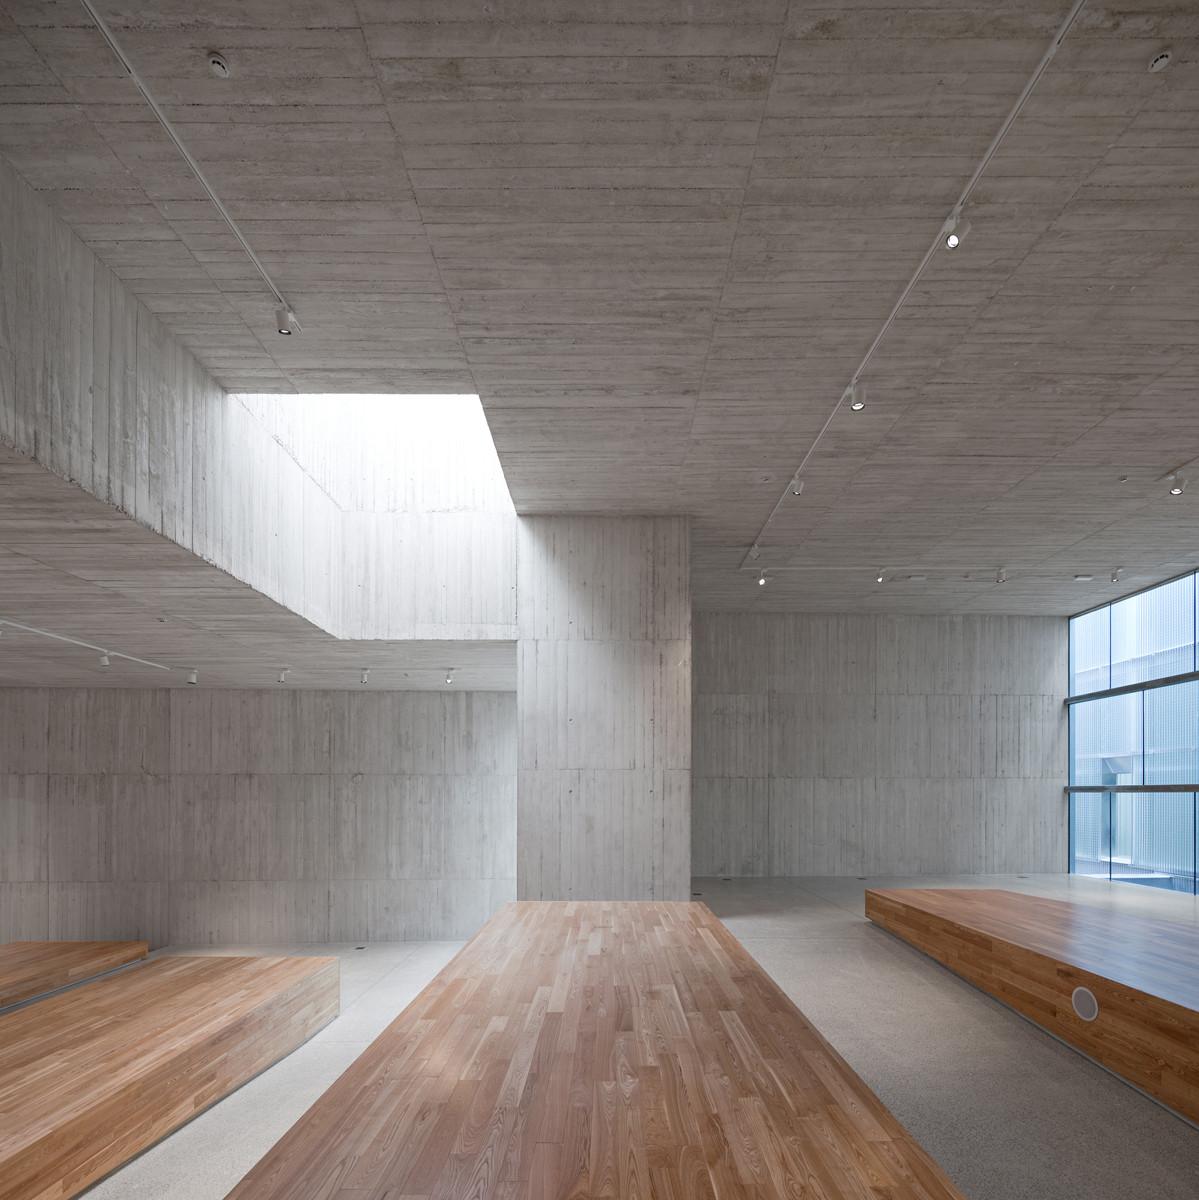 Museo de Semana Santa / EXIT Architects, © FG + SG – Fernando Guerra, Sergio Guerra